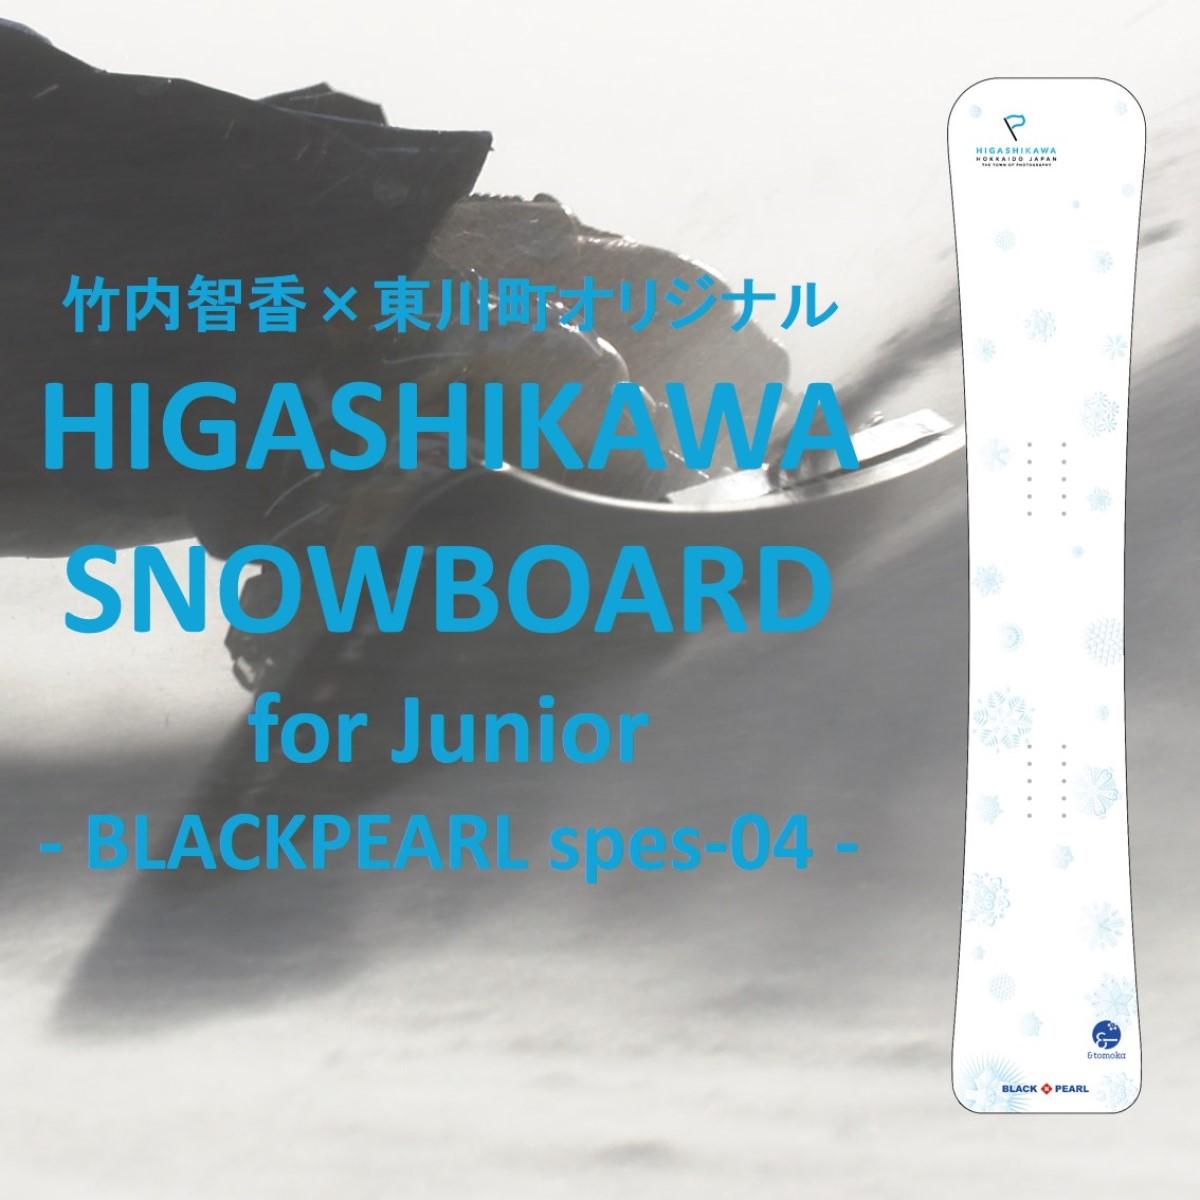 【ふるさと納税】竹内智香×東川町オリジナルHIGASHIKAWA SNOWBOARD for Junior(BLACKPEARL spes-04)